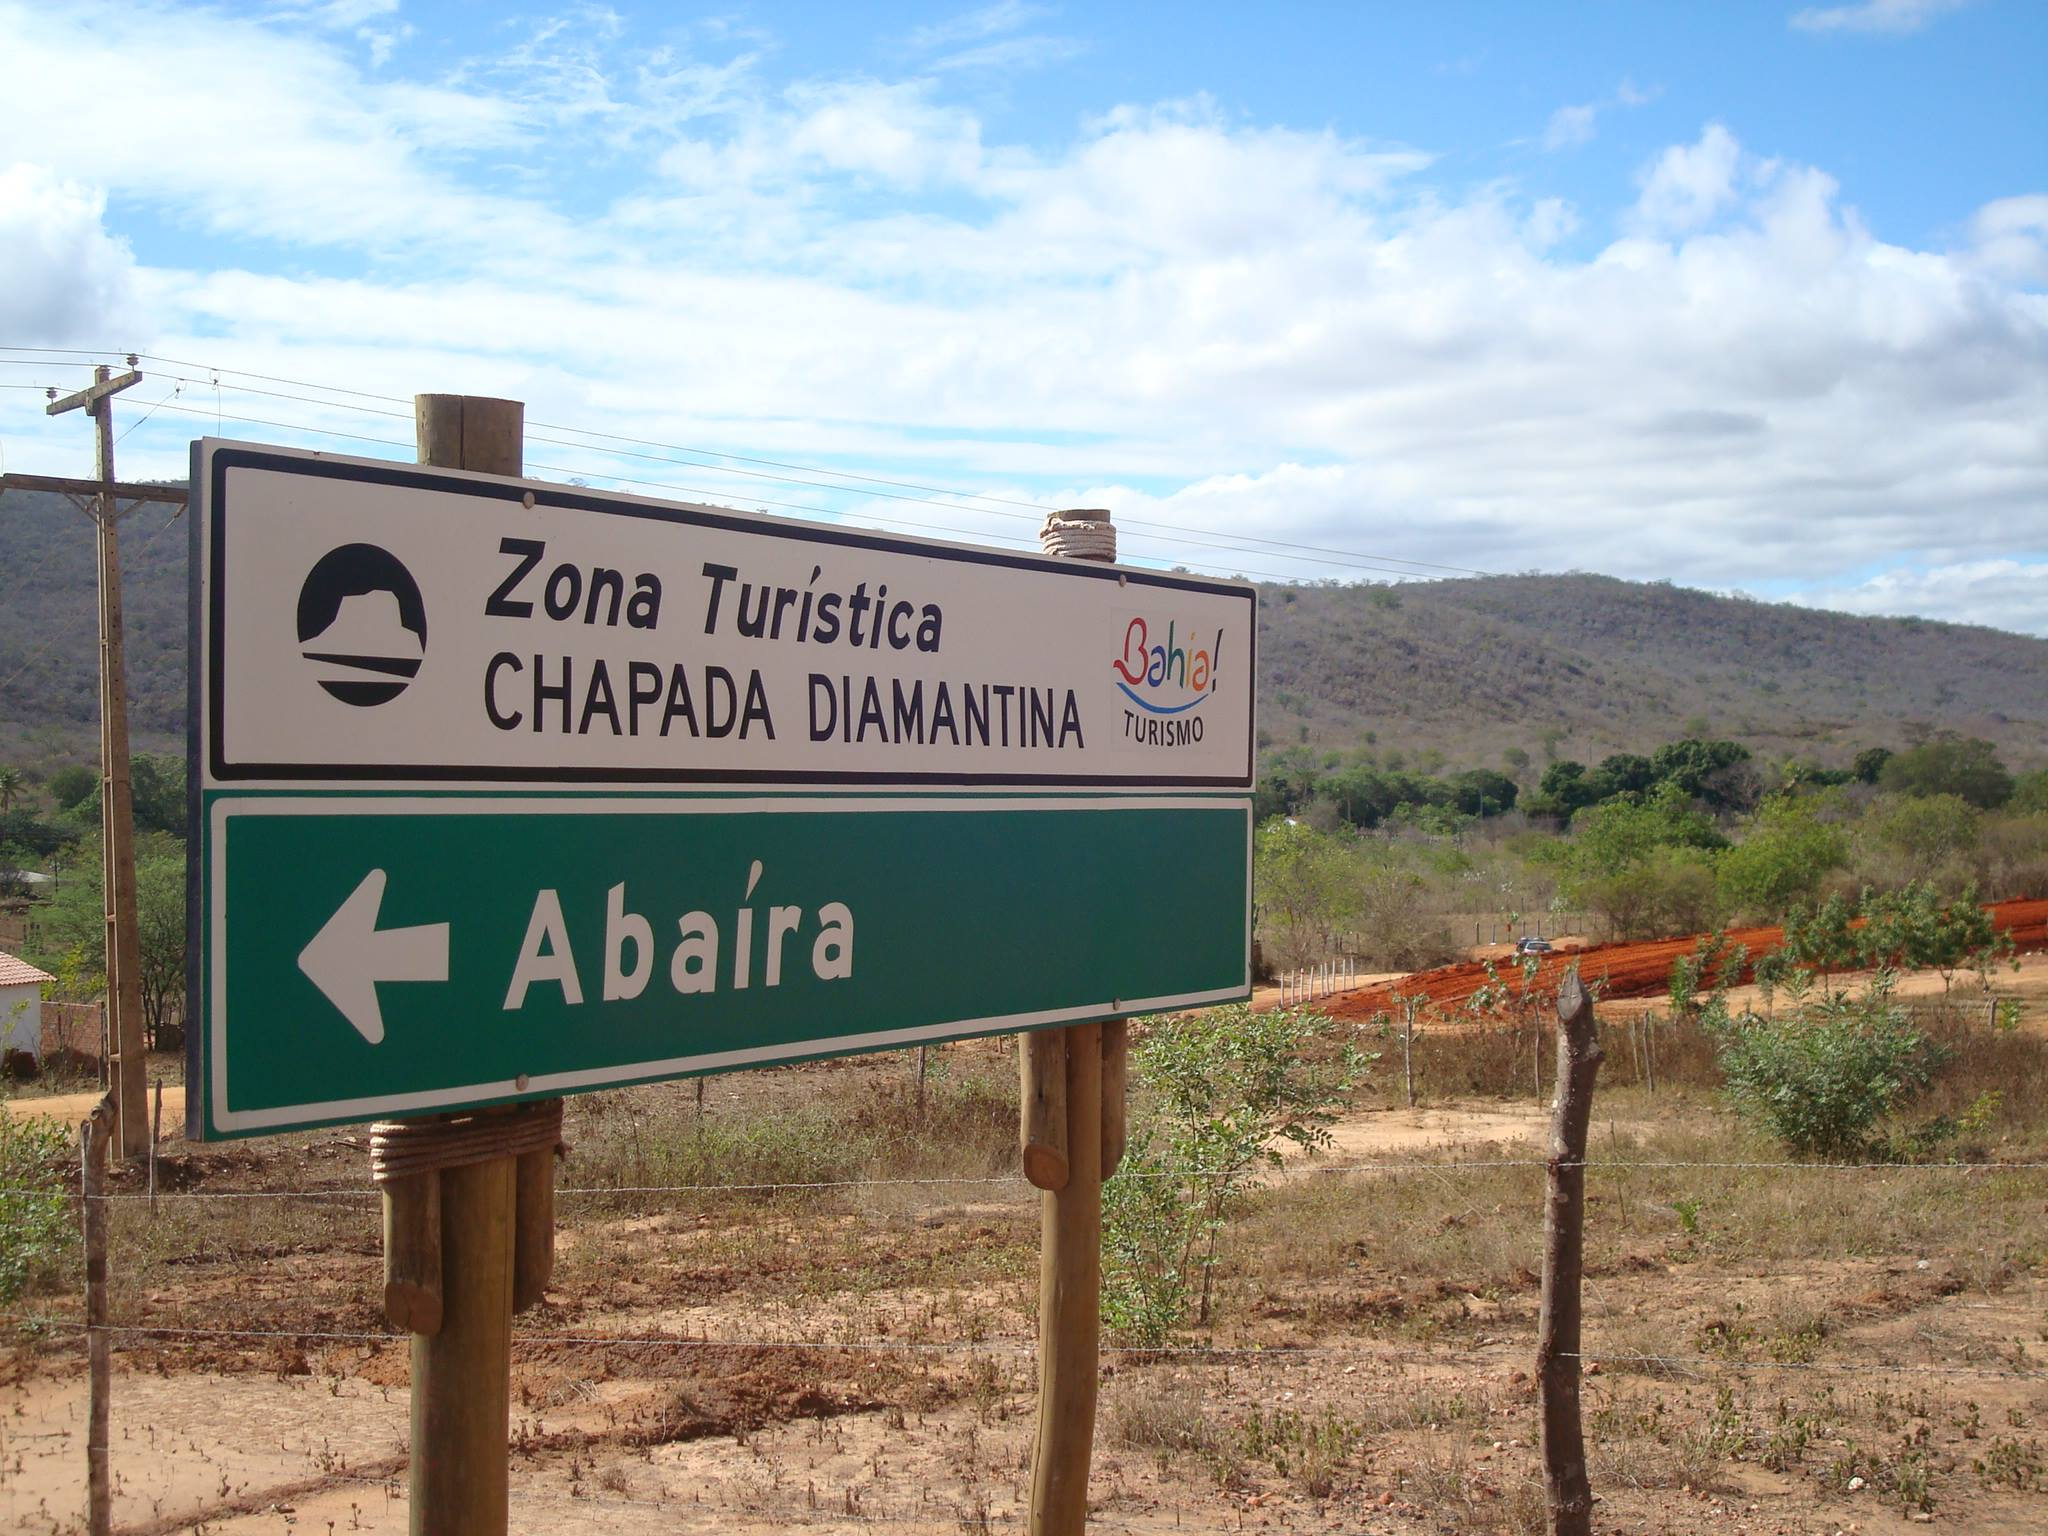 Fotos-uit-de-regio-van-Ibitiara-en-Seabra-aan-de-grote-BR-242-42